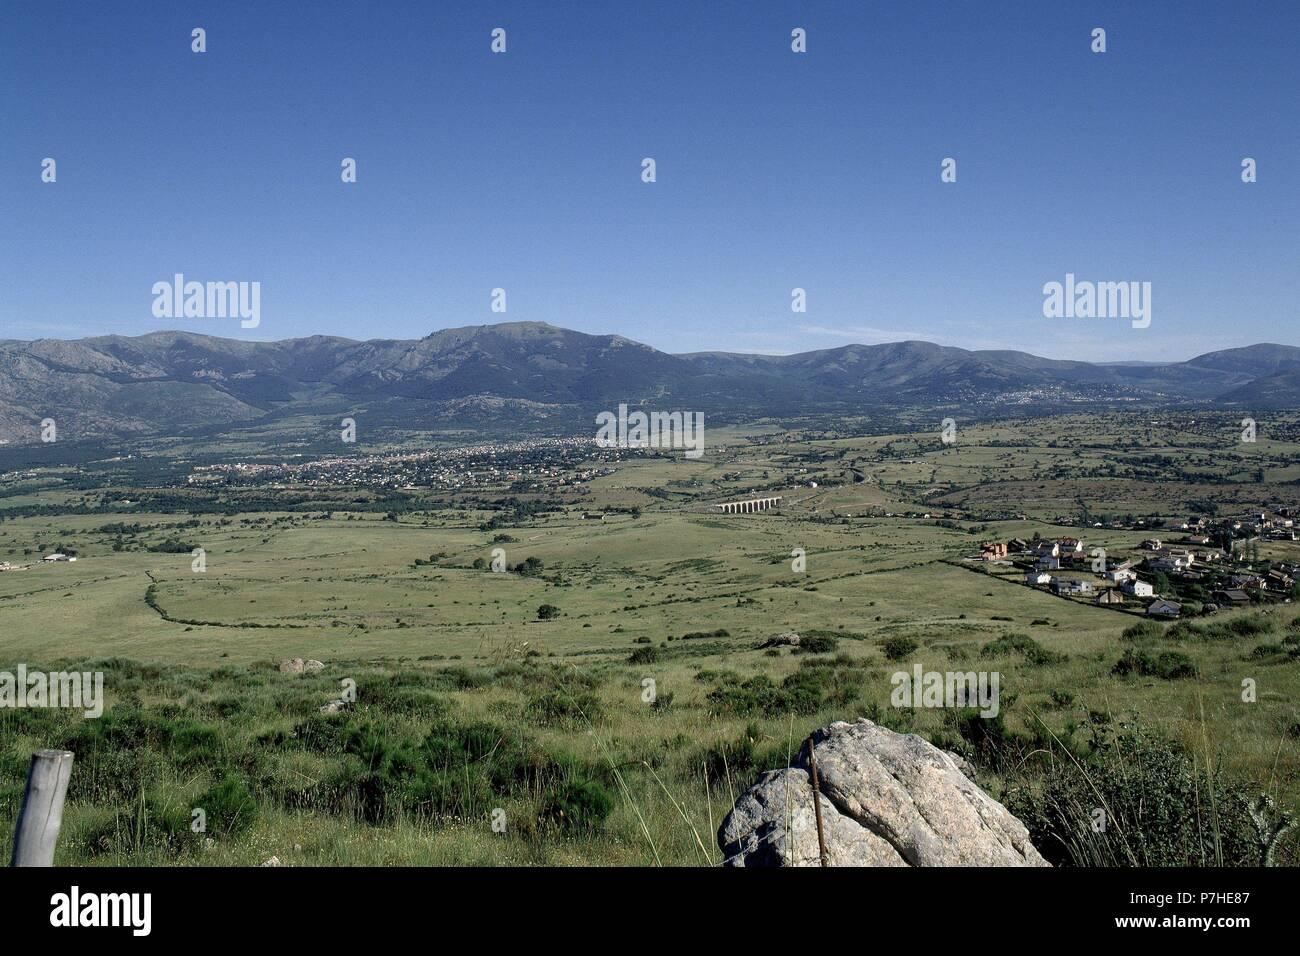 SIERRA DE GUADARRAMA SOTO DEL REAL- MIRAFLORES Y URBANIZACION PEÑA REAL - PRADOS -VISTA DE DIA. Location: EXTERIOR, PROVINCIA, MADRID, SPAIN. Stock Photo